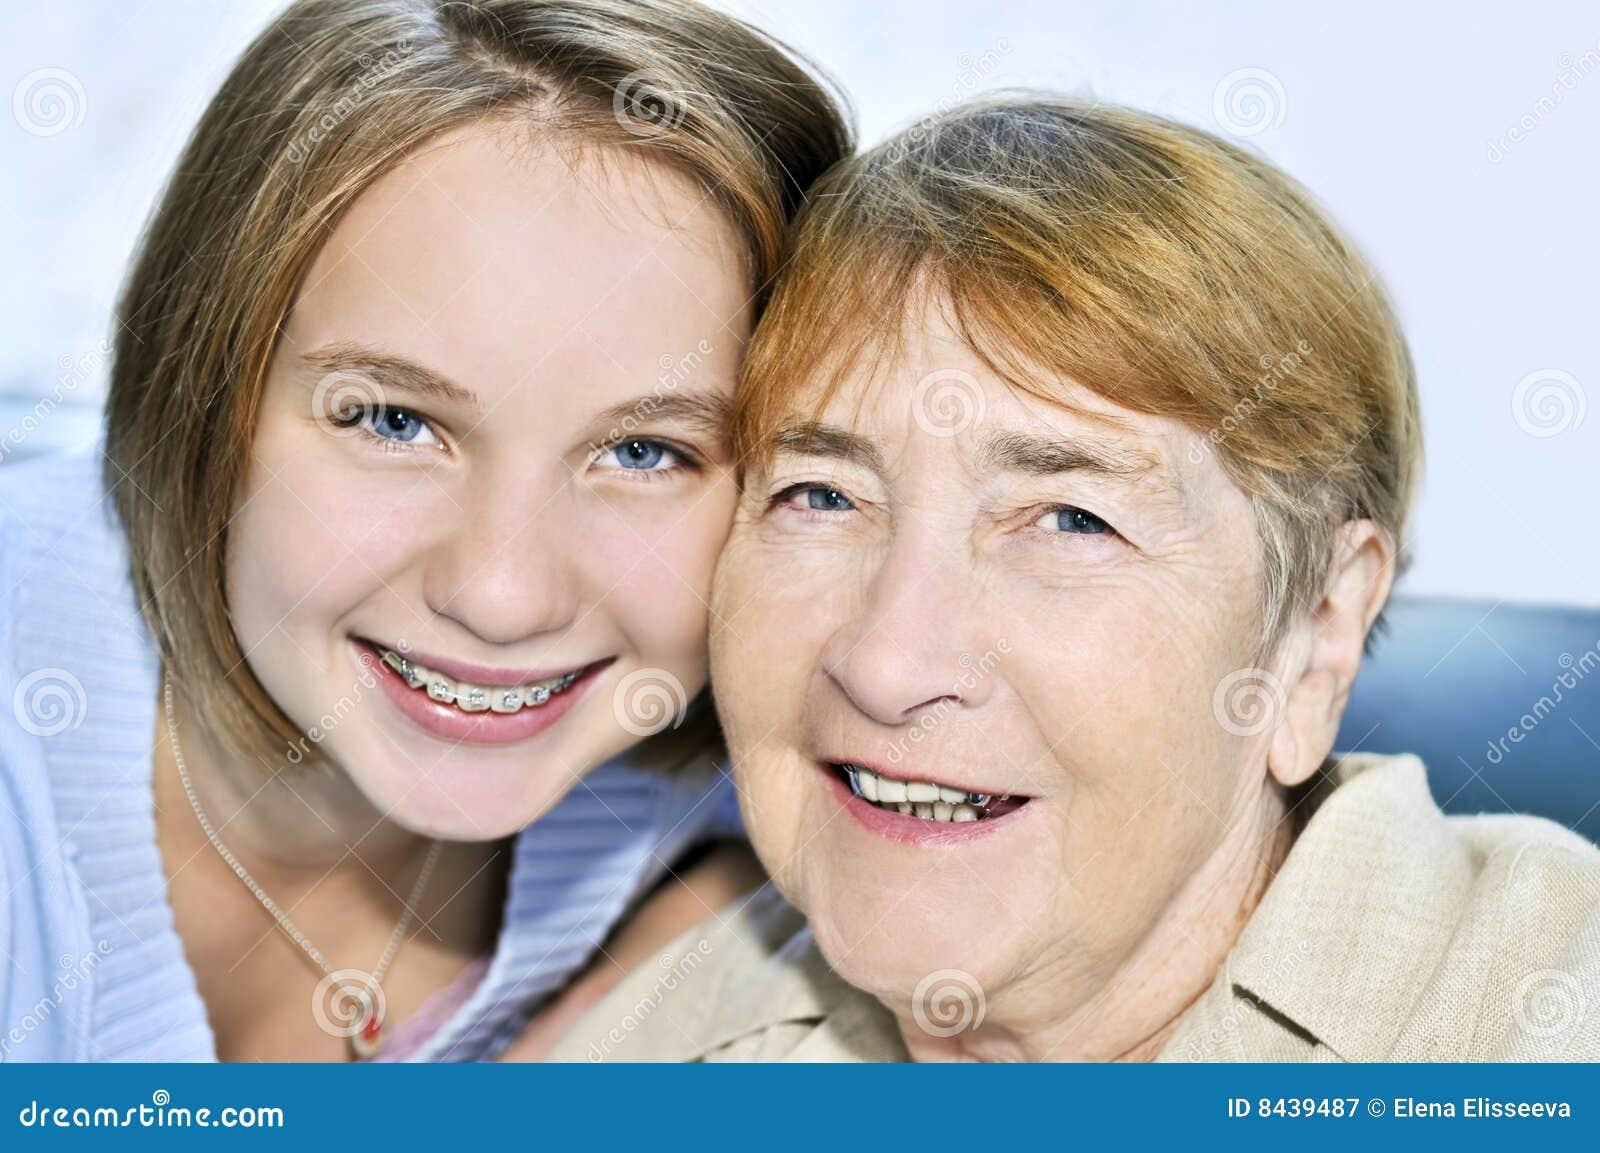 Enkelinbesuchsgroßmutter